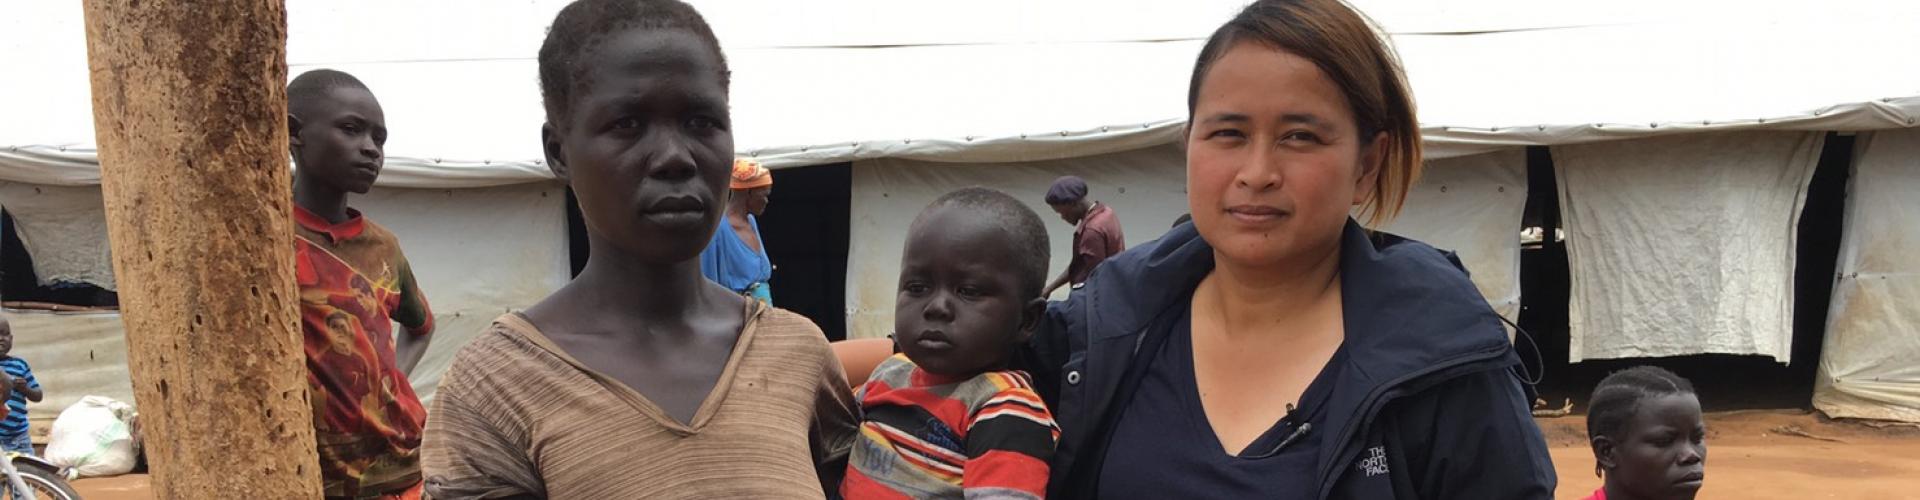 วิกฤติผู้ลี้ภัยซูดานใต้:สงครามและความอดอยาก:ข่าว 3 มิติ